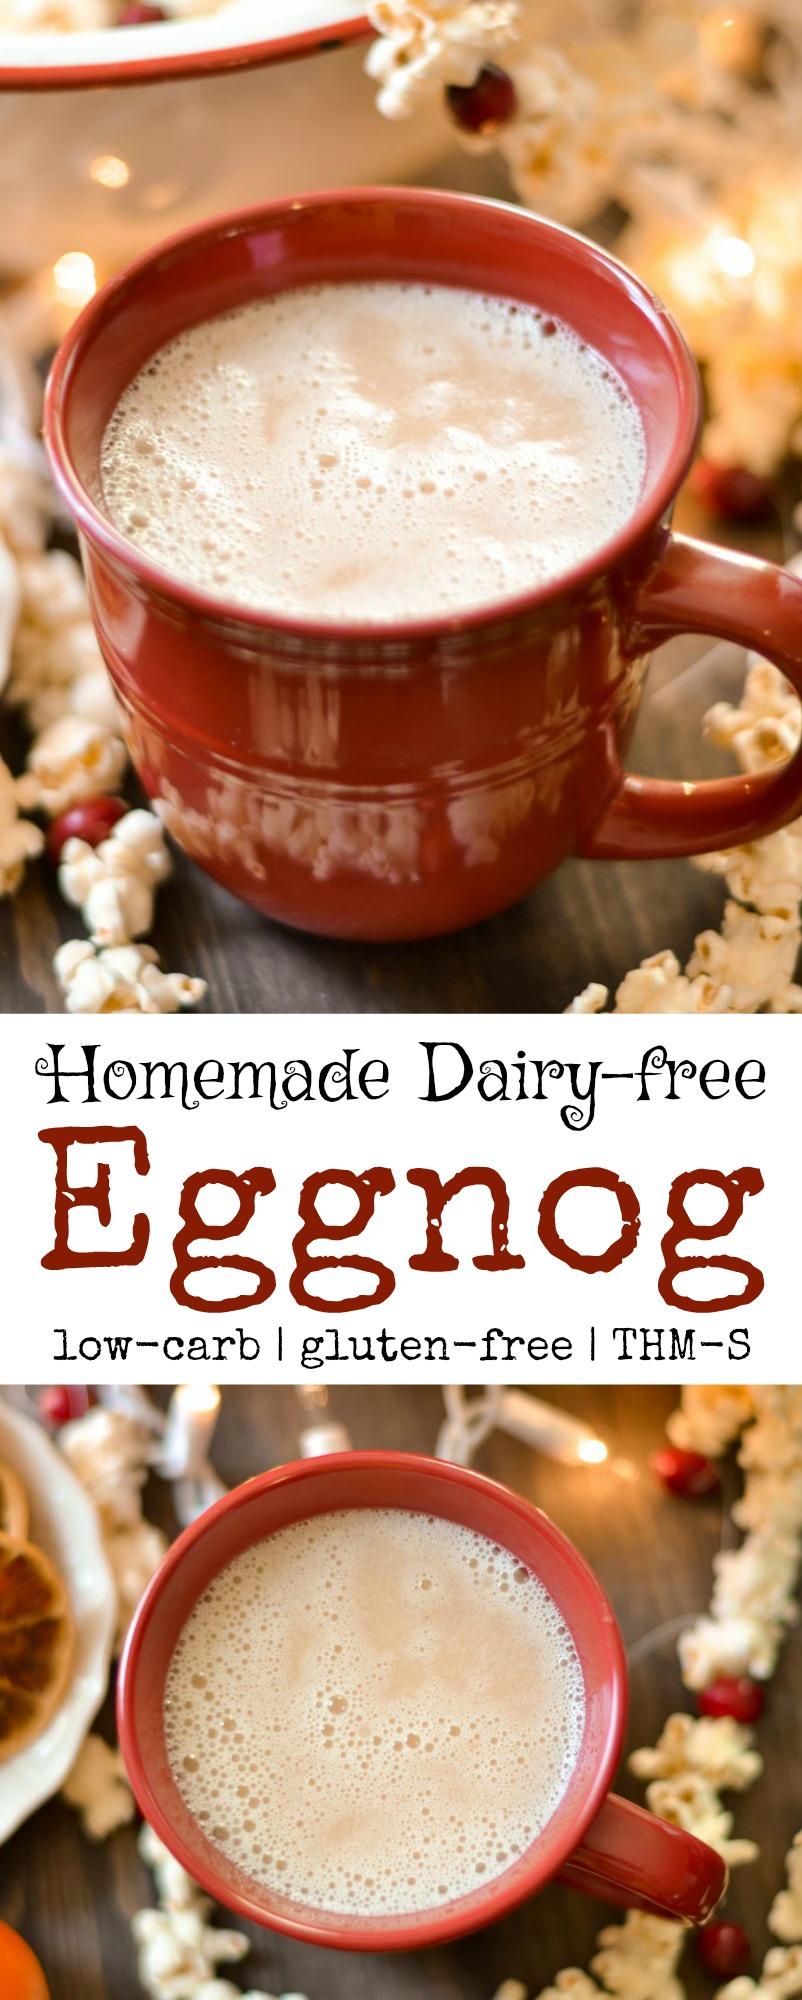 Eggnog - Homemade Dairy-Free